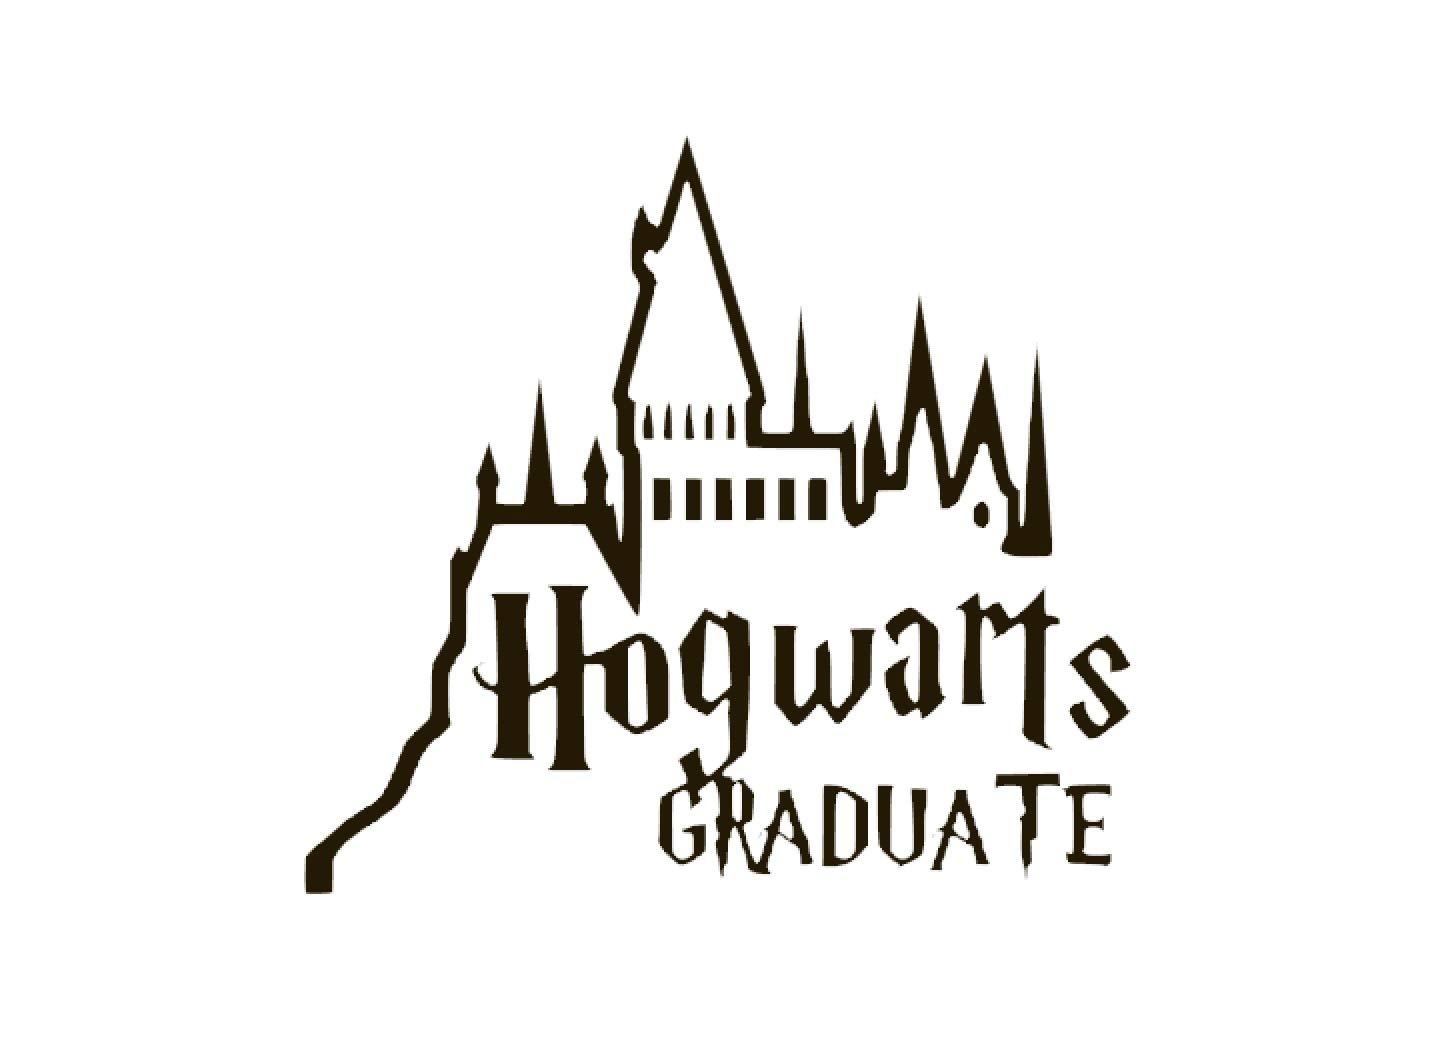 最新作 Hogwarts 卒業式ビニールステッカーデカール カーバンパー ウィンドウ MacBook Pro ノートパソコン iPad ブラック iPhone ブラック iPhone 用 6